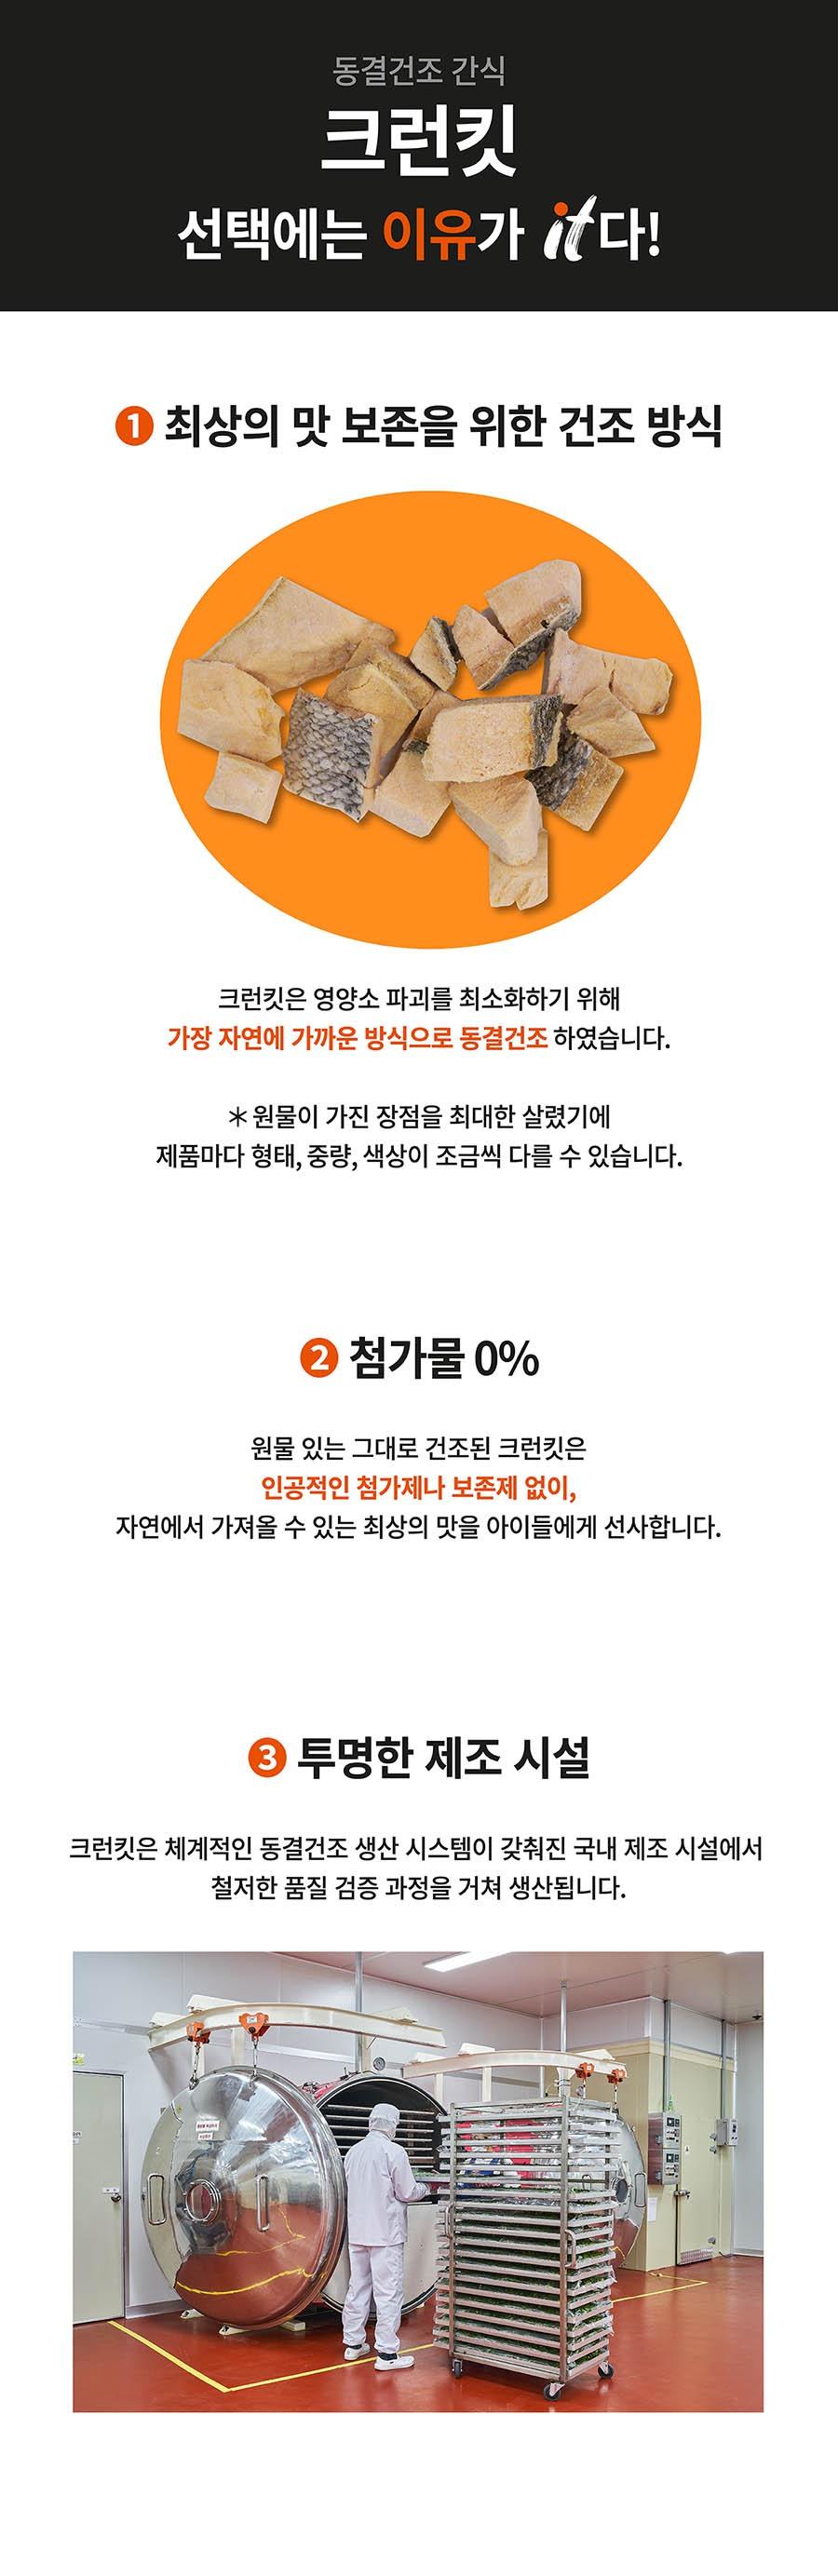 it 크런킷 레어프로틴 (열빙어/캥거루/상어순살/말고기/껍질연어)-상품이미지-25